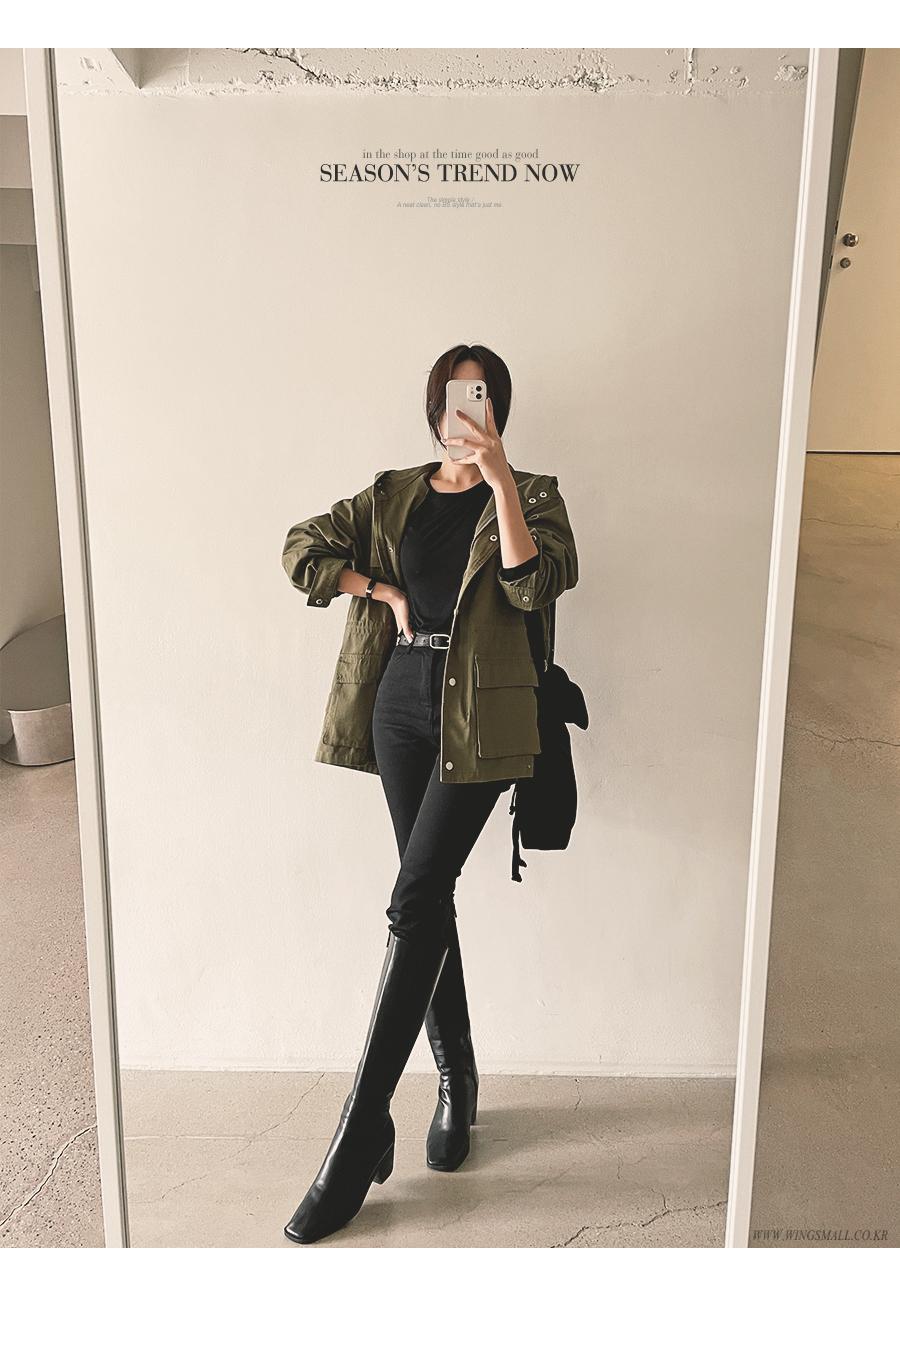 jacket model image-S5L1